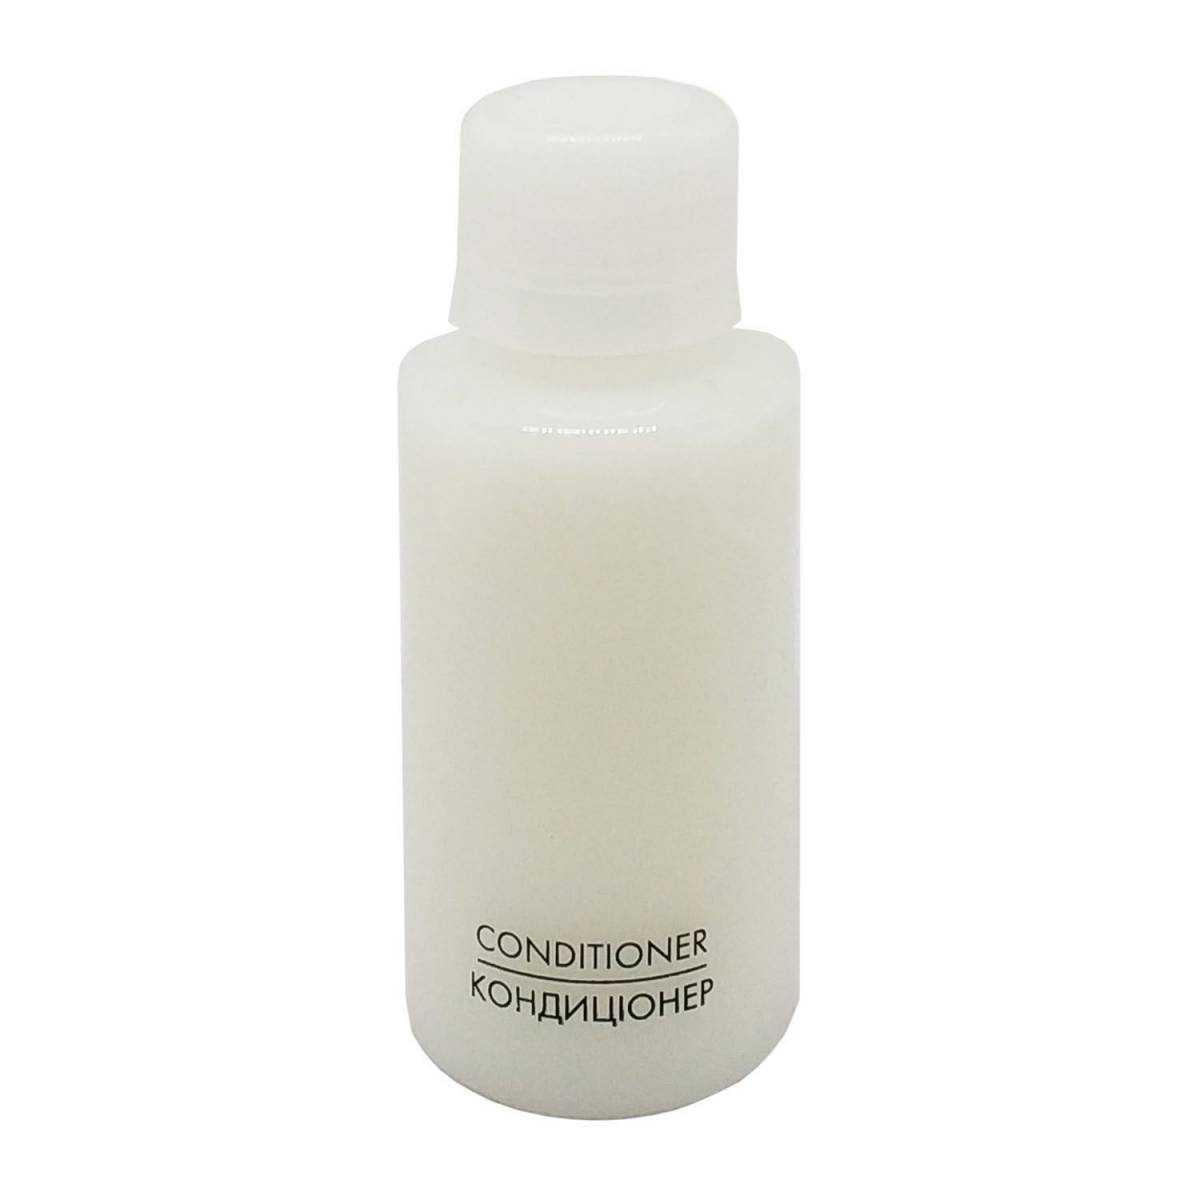 Кондиционер для волос 30 мл, одноразовый для гостиниц CR/B30 HSG